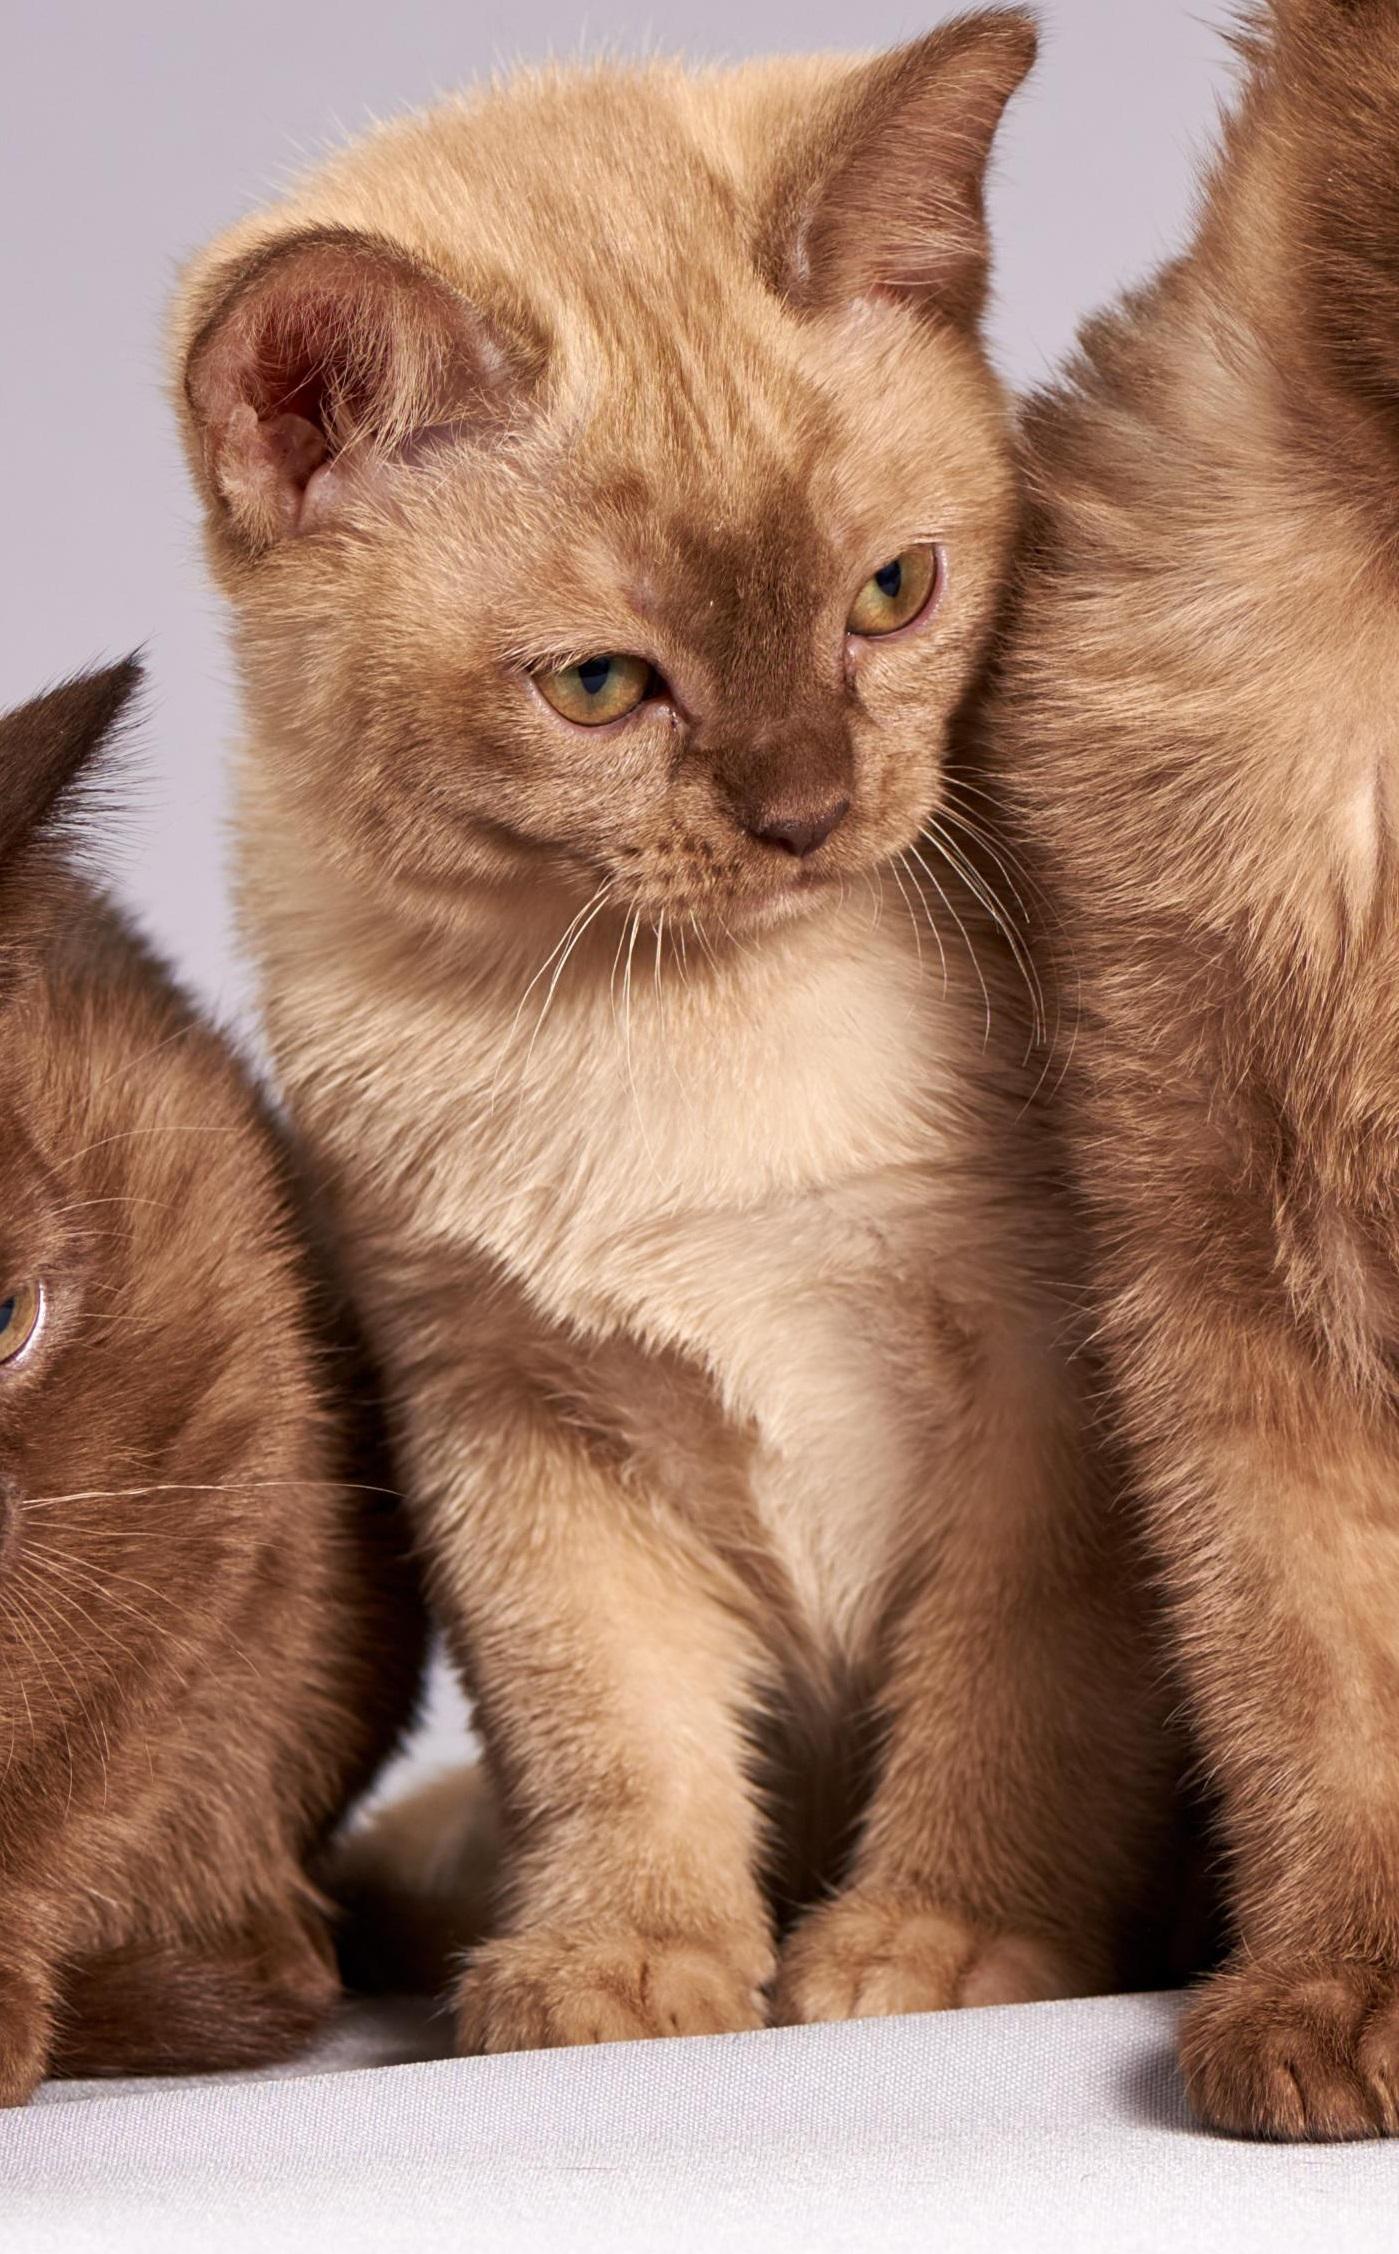 cat-301723_4crop.jpg